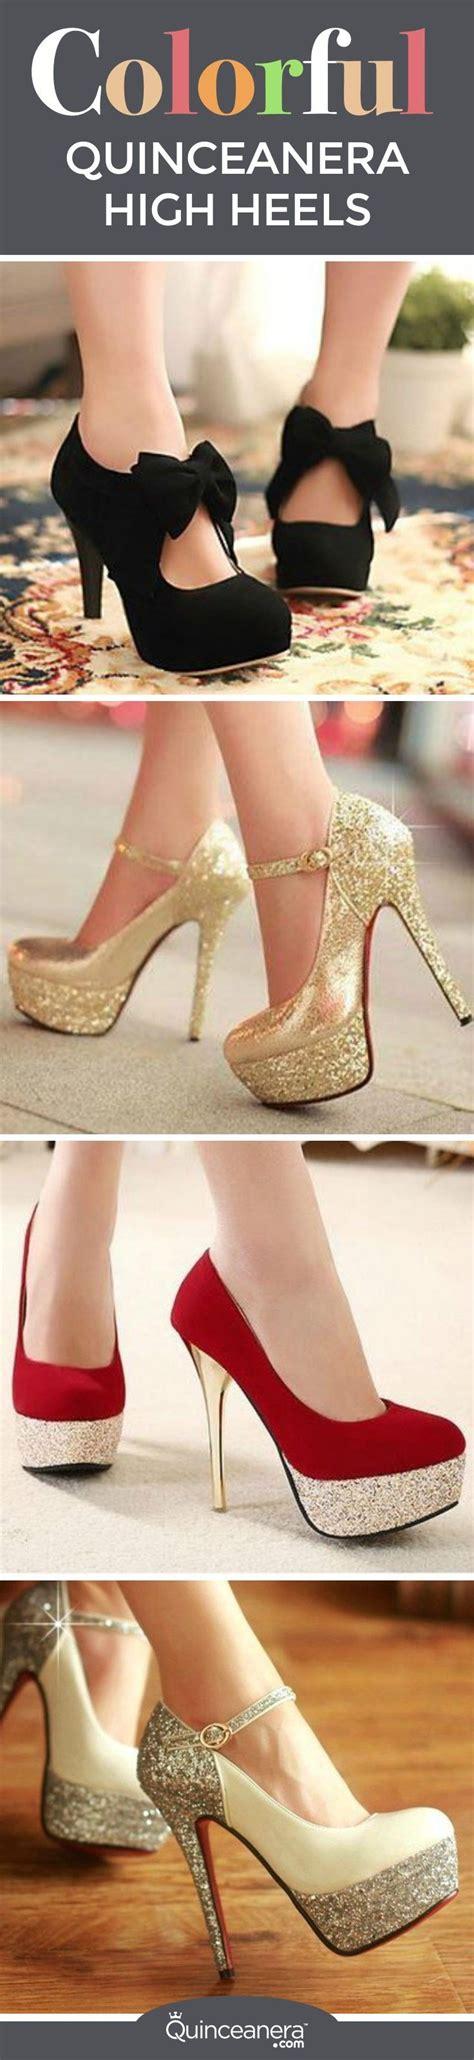 high heels for quinceaneras walking on golden quinceanera high heels